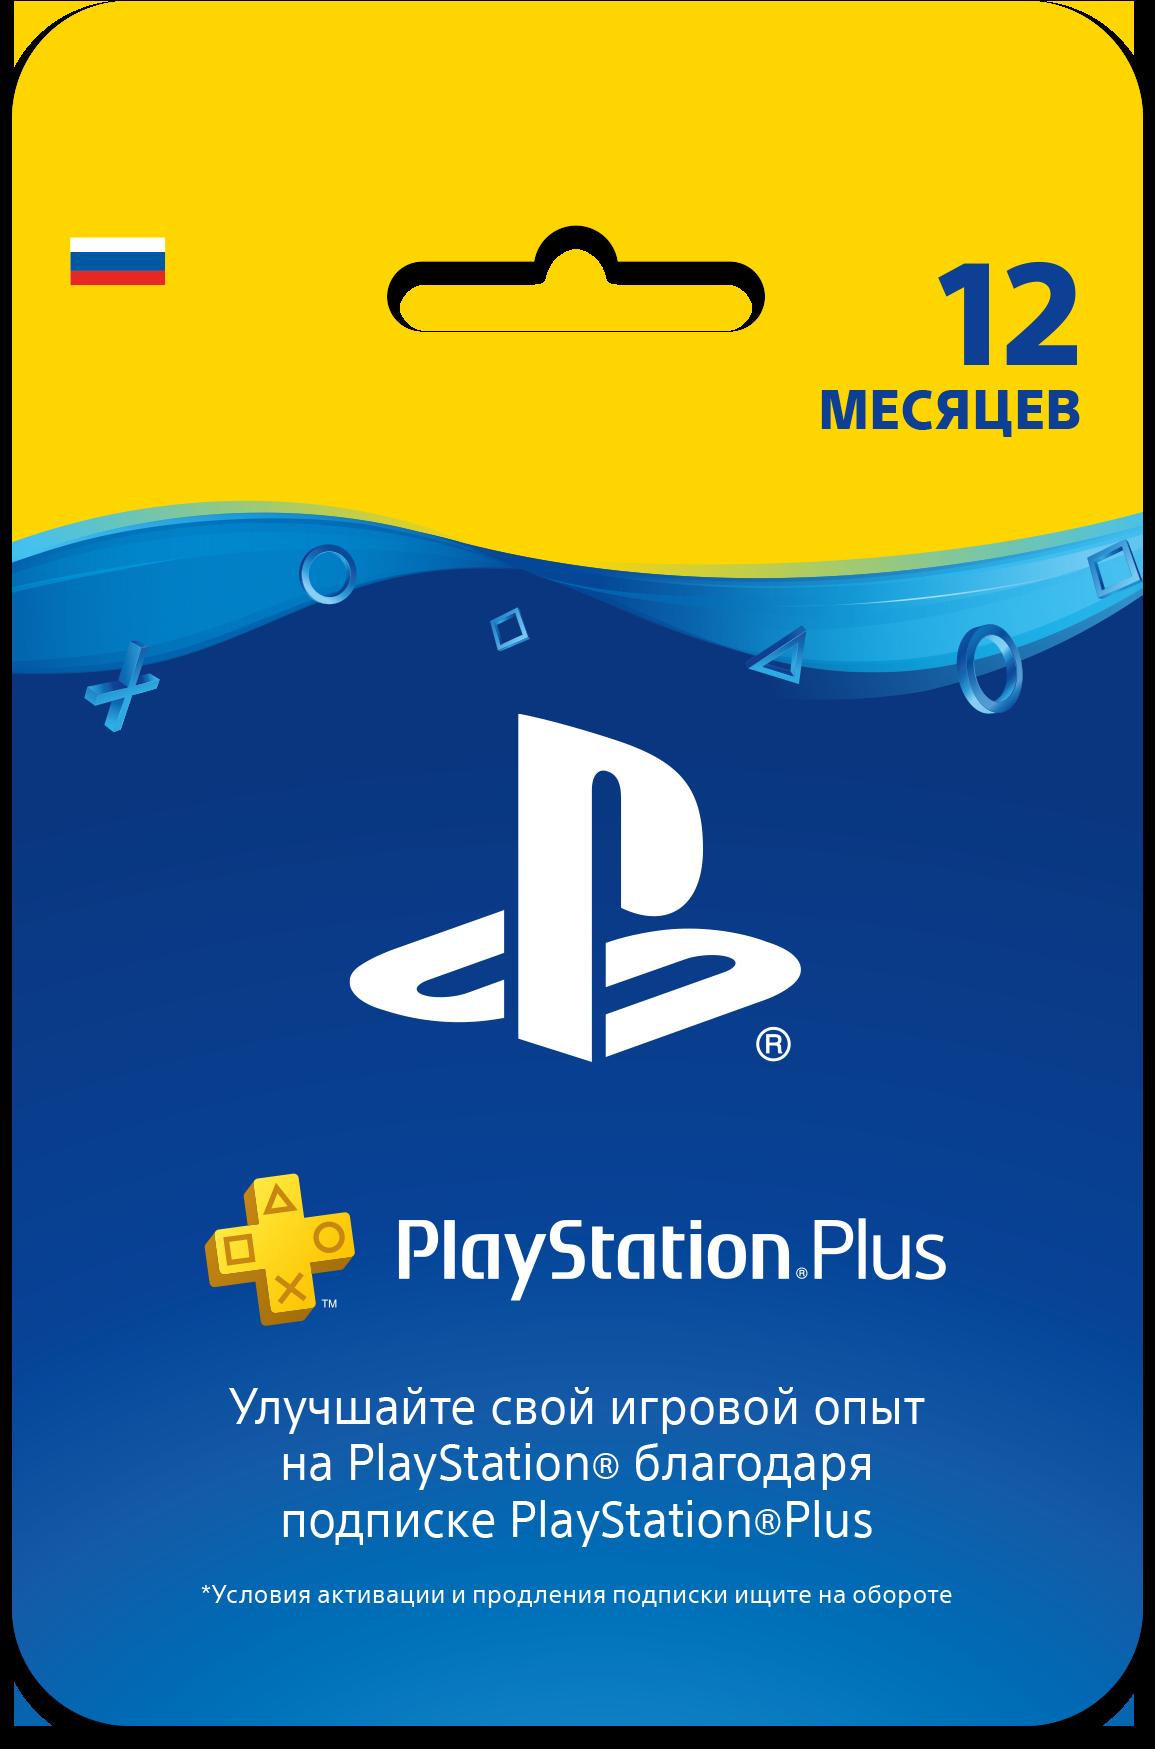 Карта оплаты PlayStation Plus Card: Подписка 12 месяцев